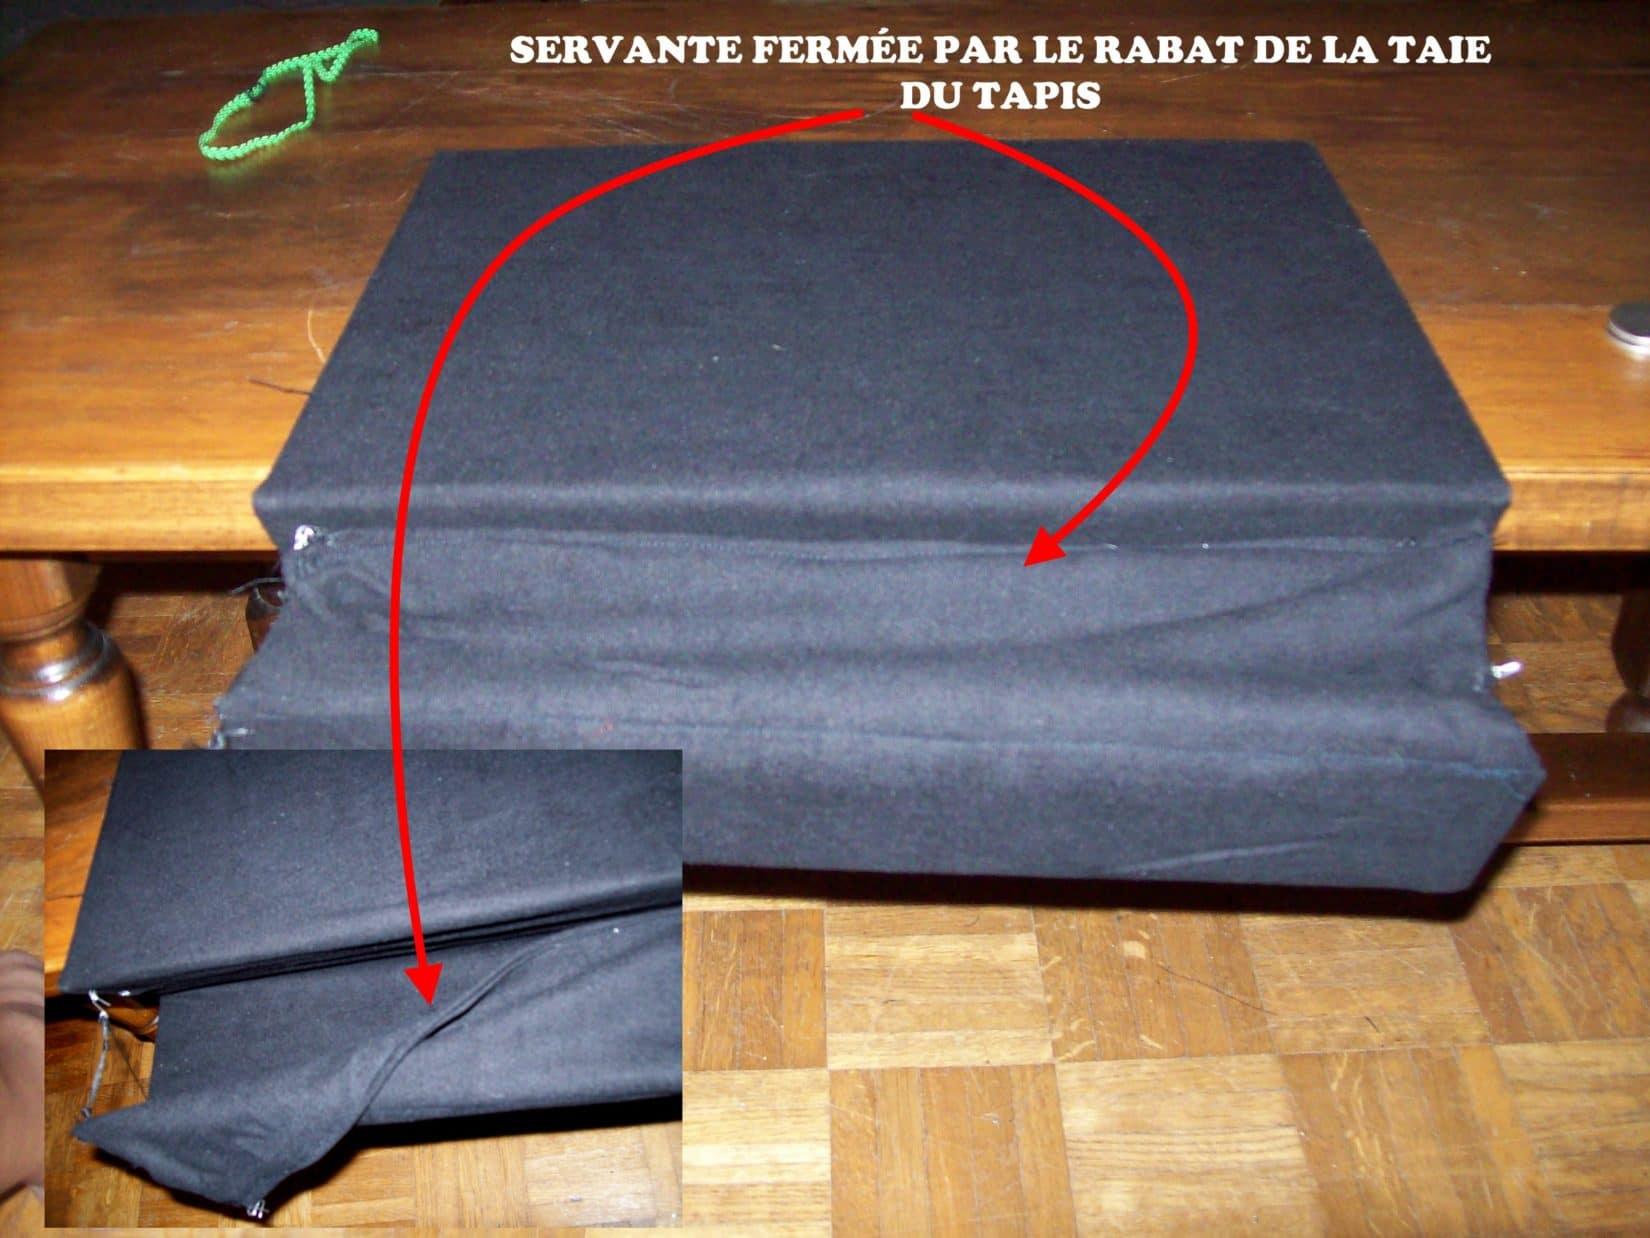 TAPIS CLOSE UP MANKAI B 13 1 - Tutoriel : Fabriquer un Tapis de Close-Up Multi-Fonctions